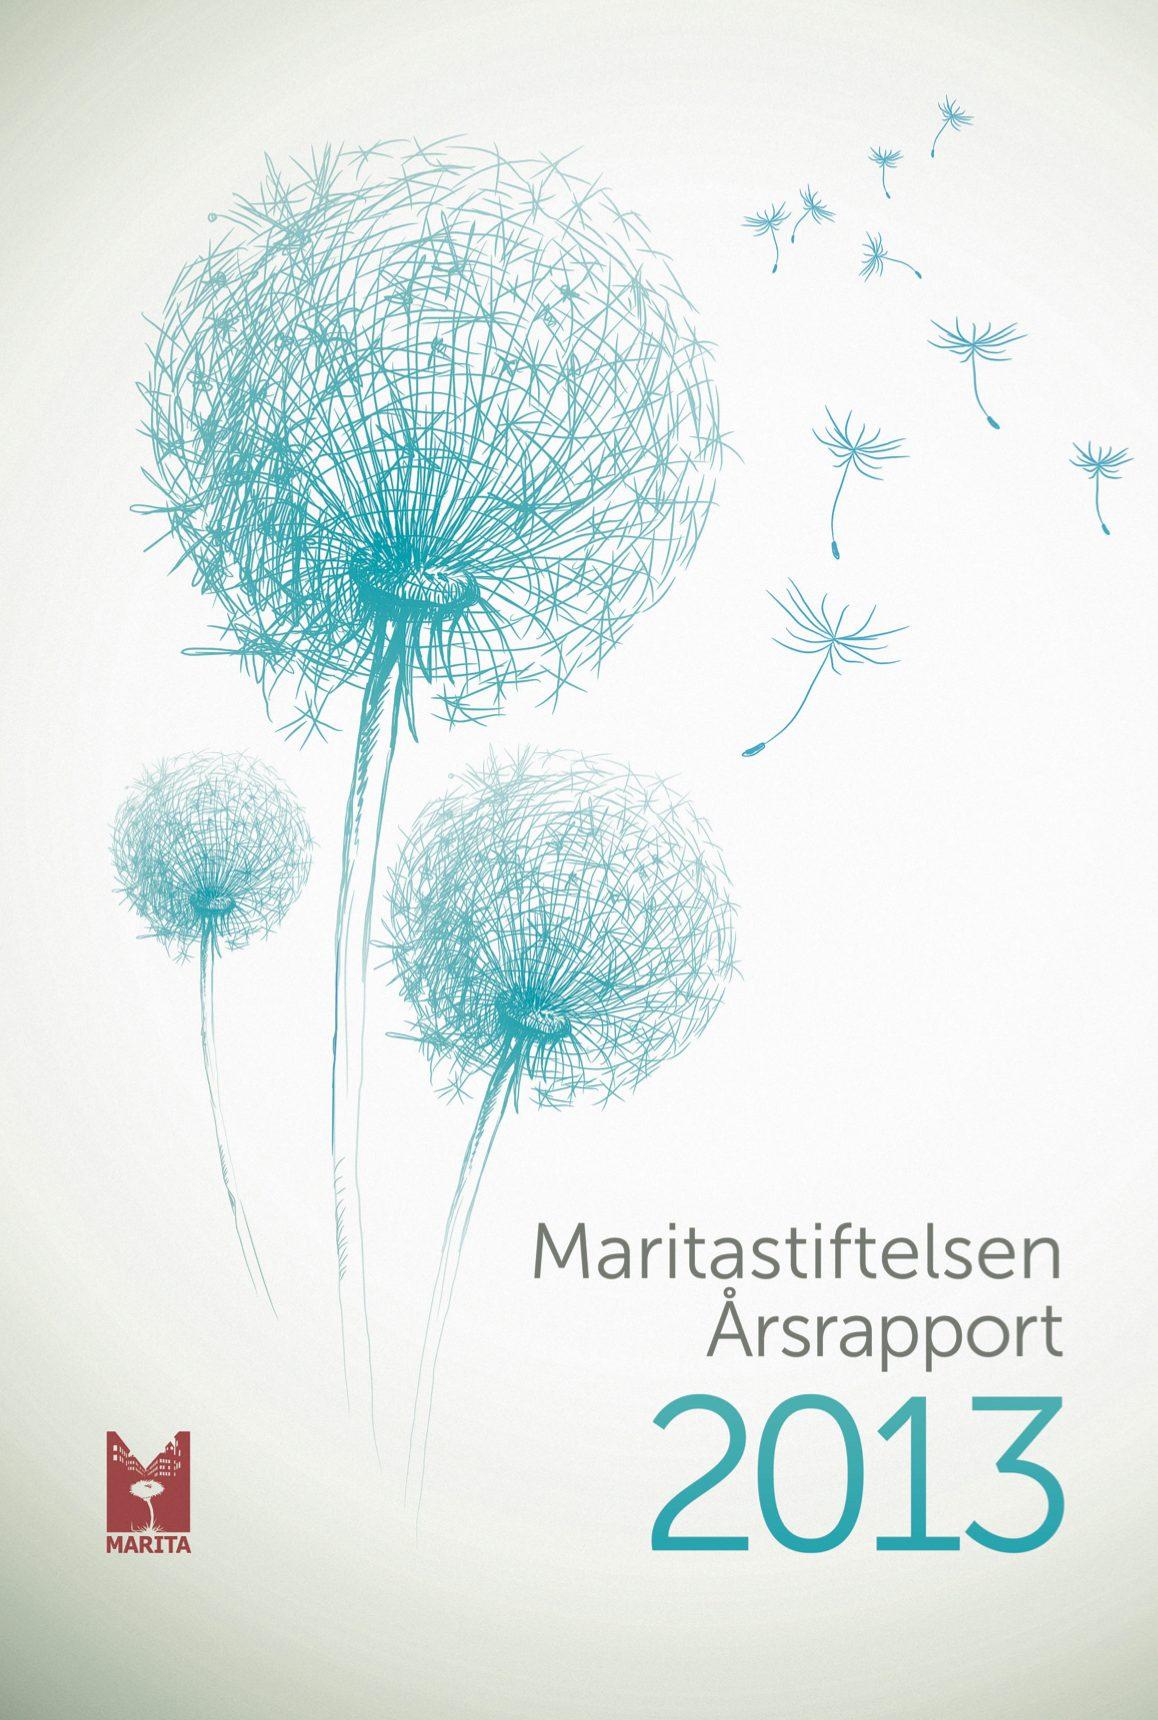 2013 Marita årsrapport